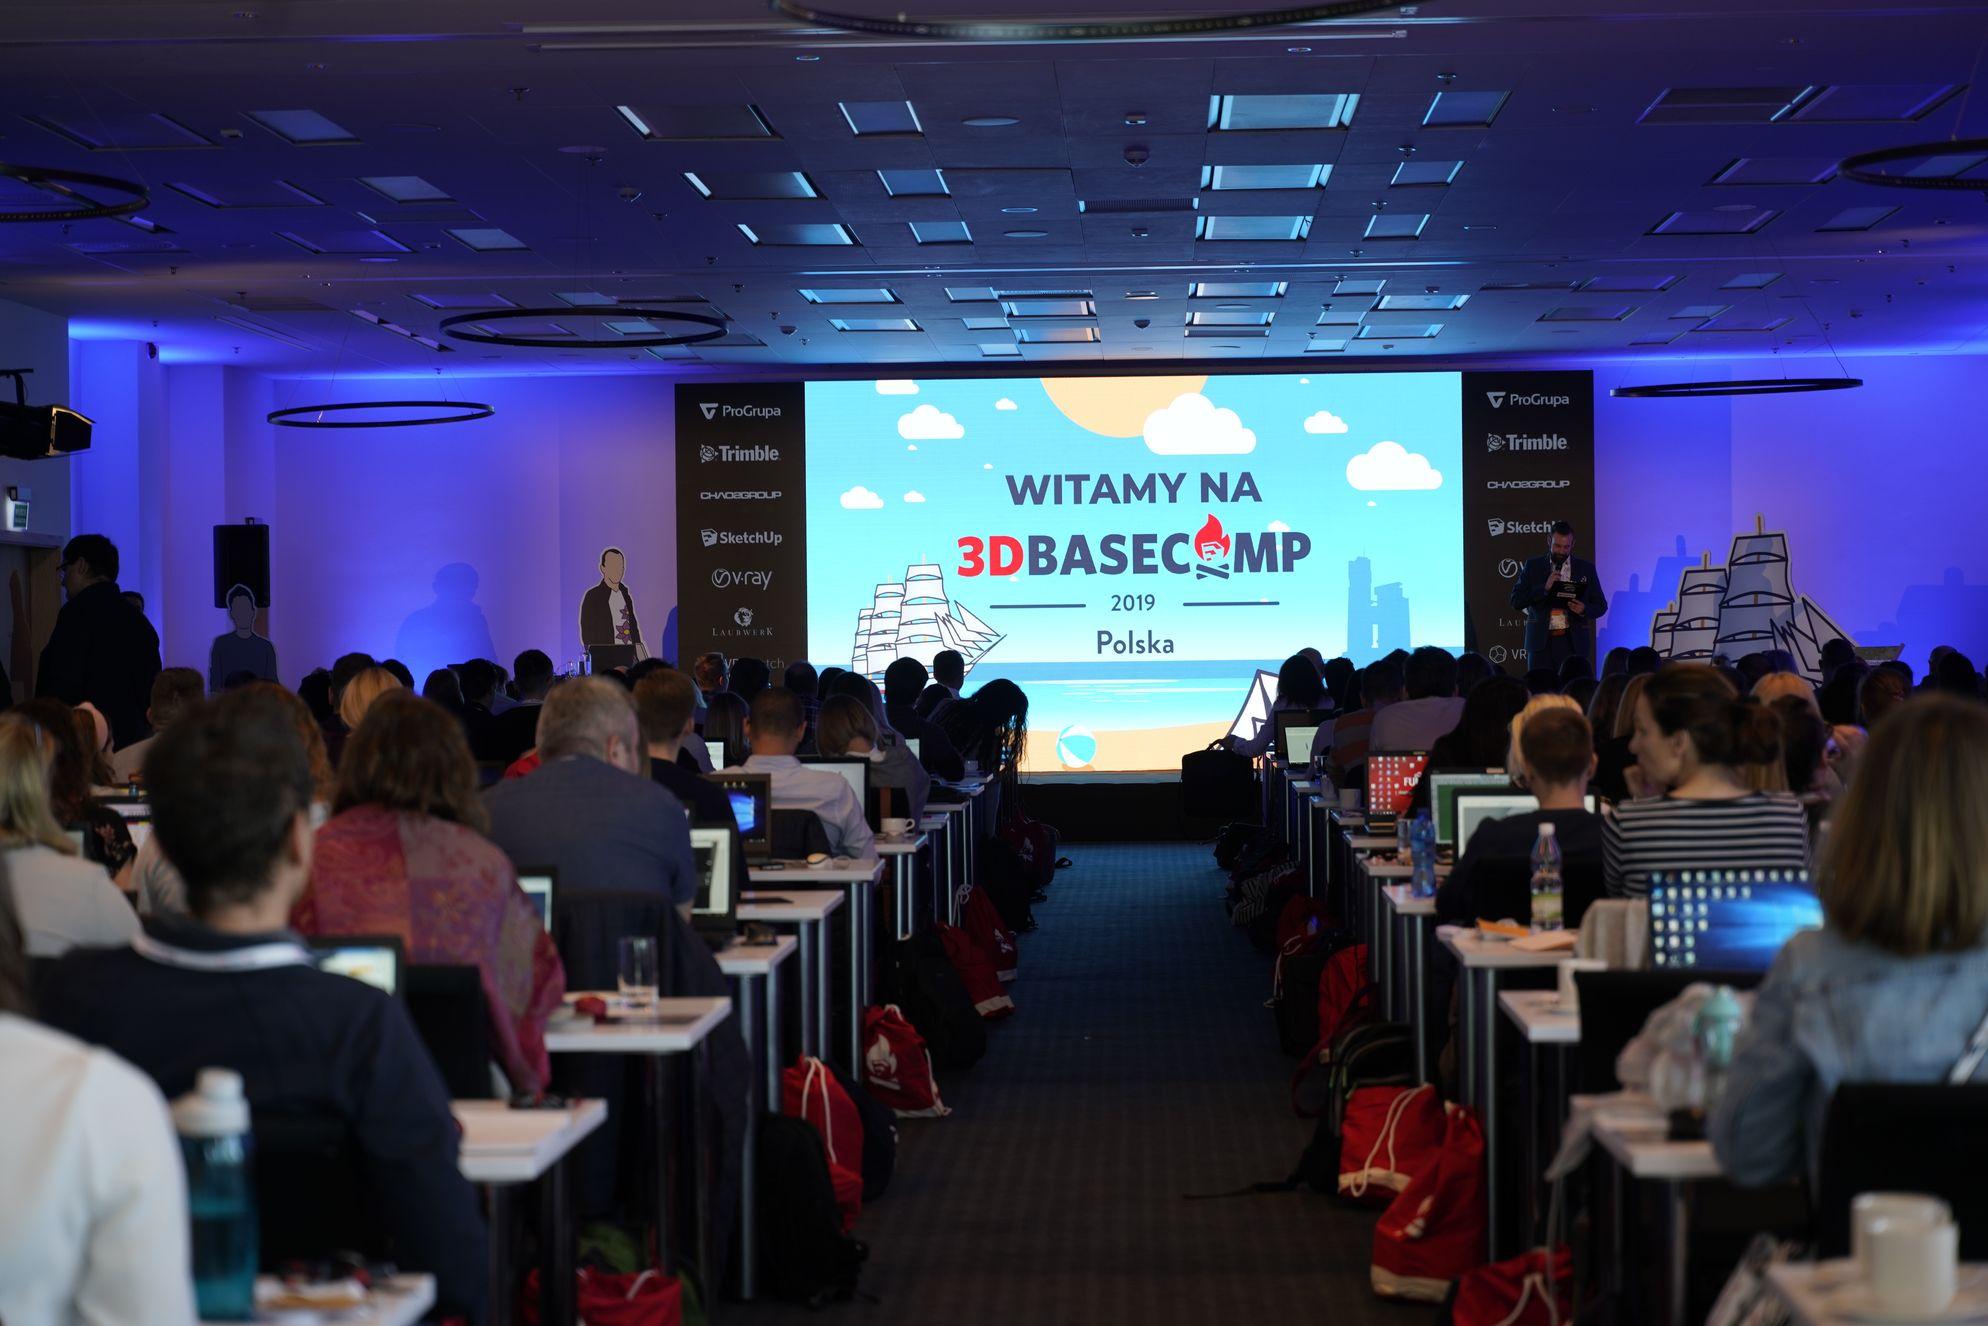 Konferencja 3D Basecamp w Gdyni zgromadziła licznych reprezentantów społeczności użytkowników SketchUp.